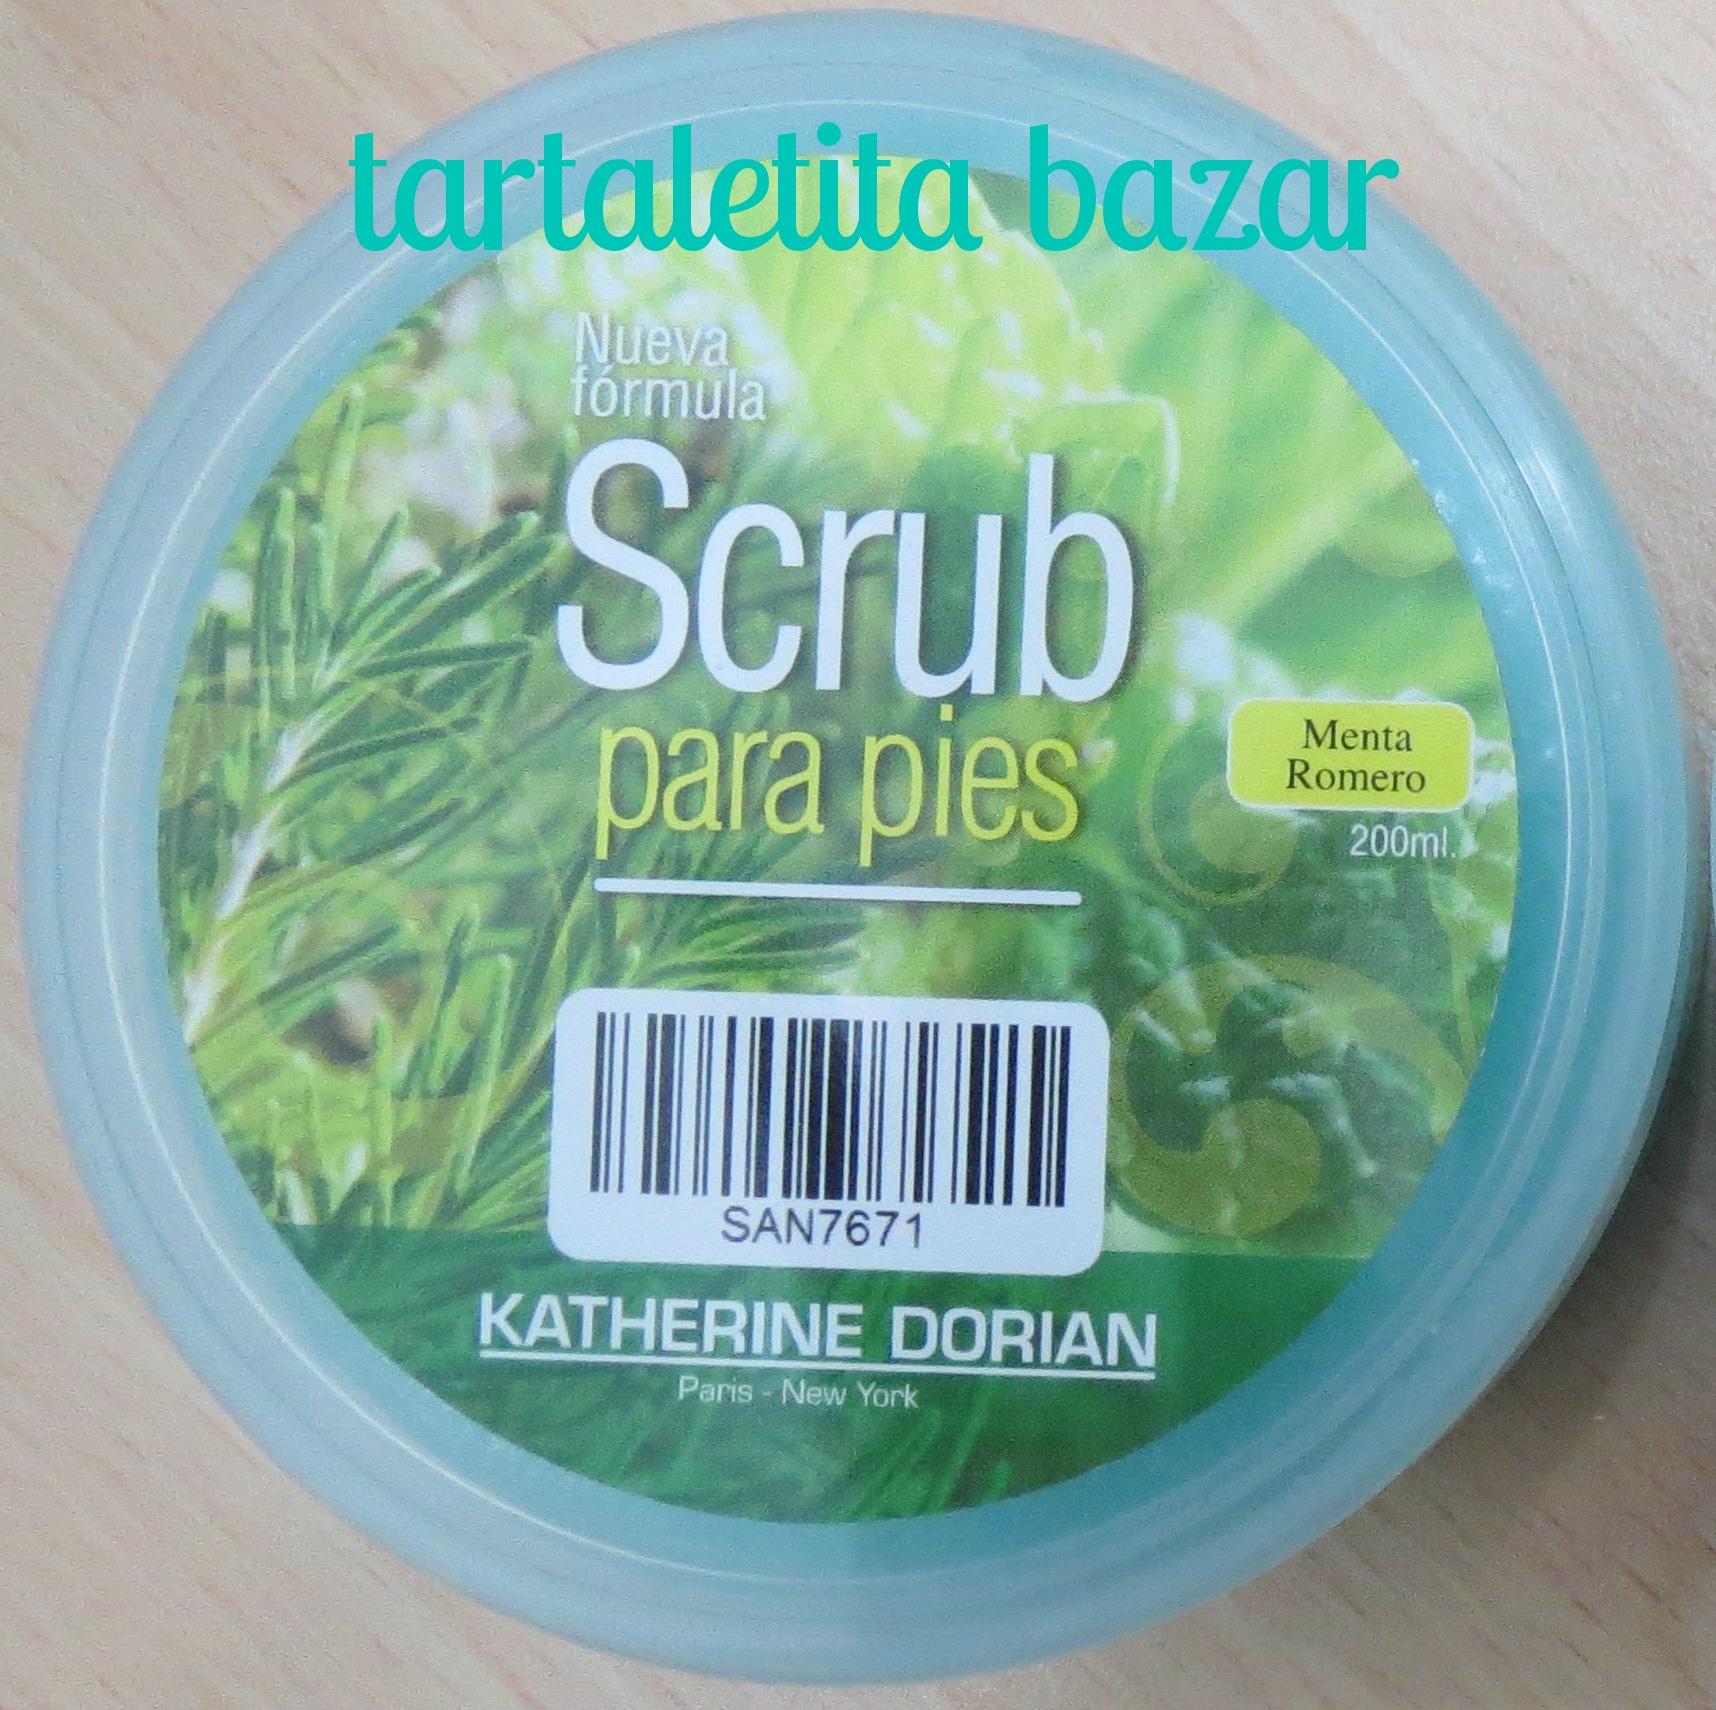 Exfoliante para pies Menta Romero Scrub Katherine Dorian 200 ml